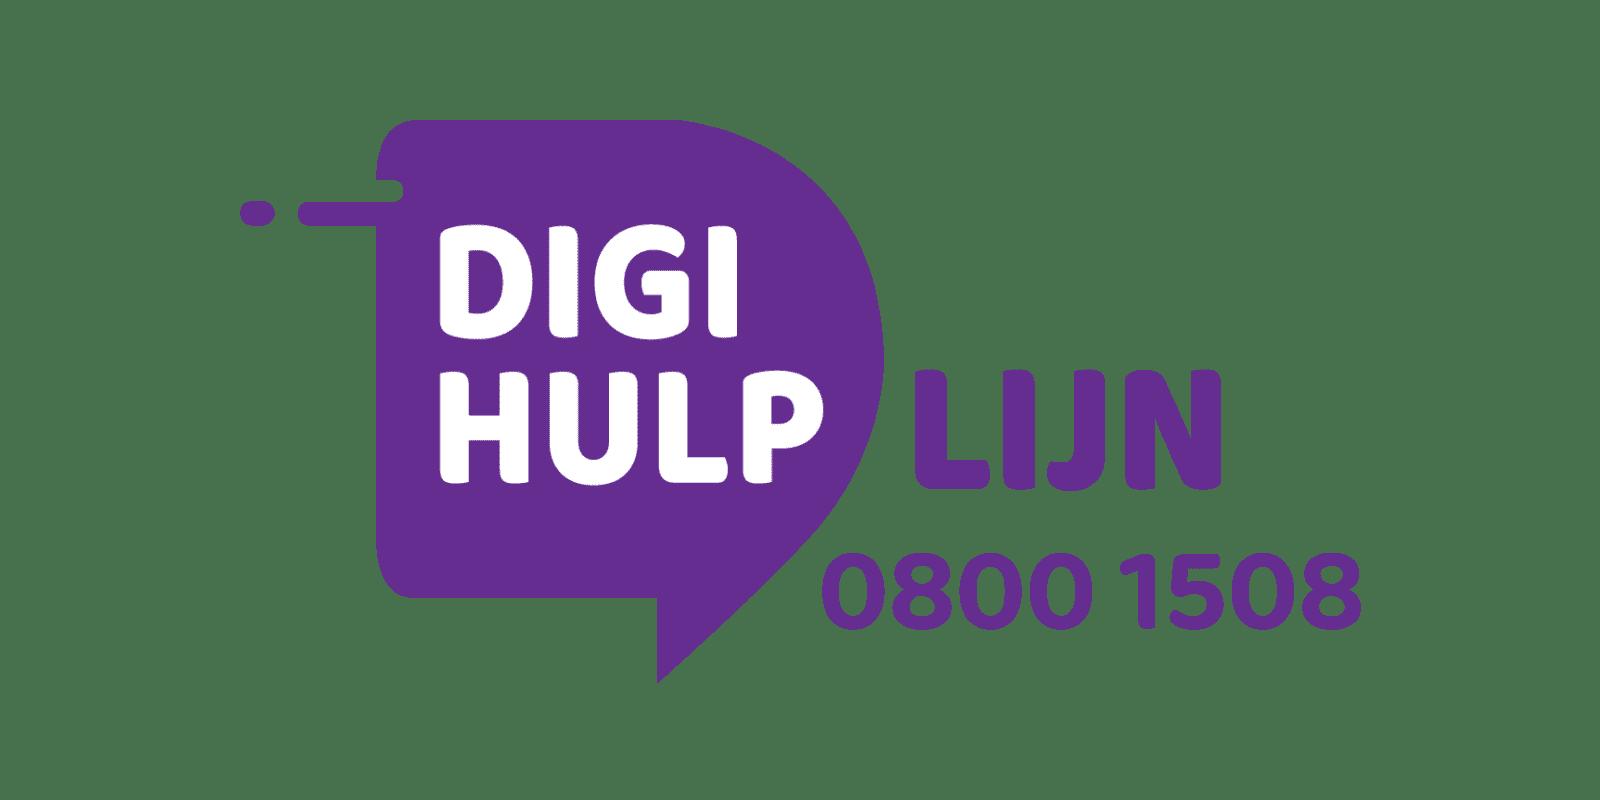 DigiHulplijn: praktische digitale vragen